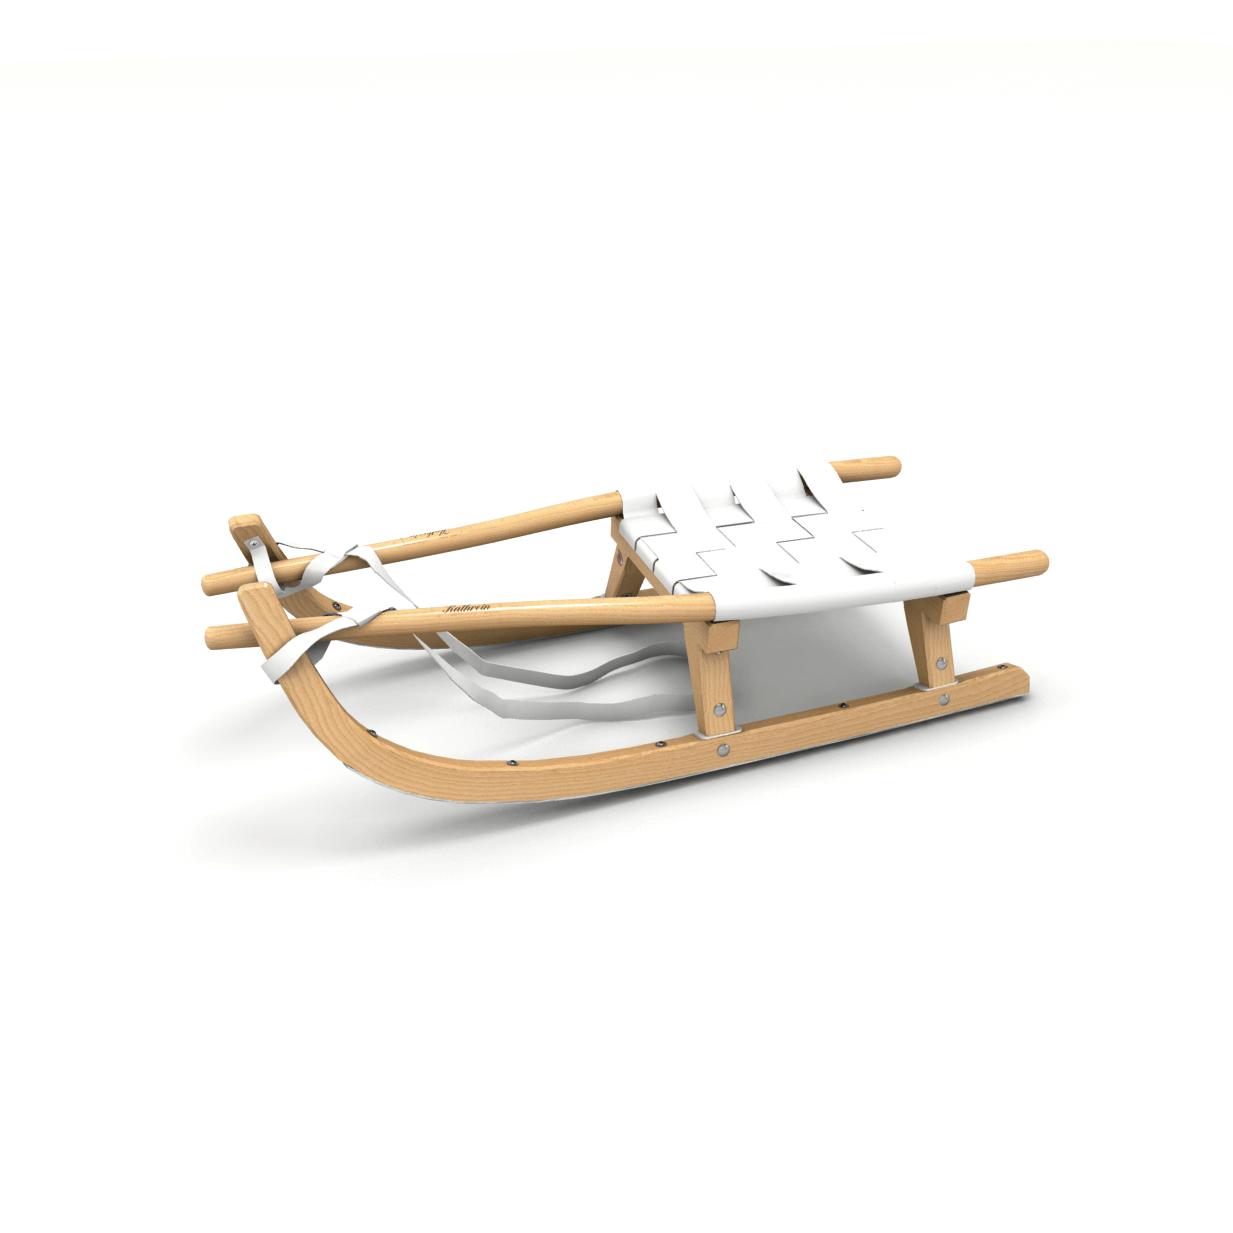 tourenrodel jugend mit gurtsitz f r 9 13 j hrige max. Black Bedroom Furniture Sets. Home Design Ideas